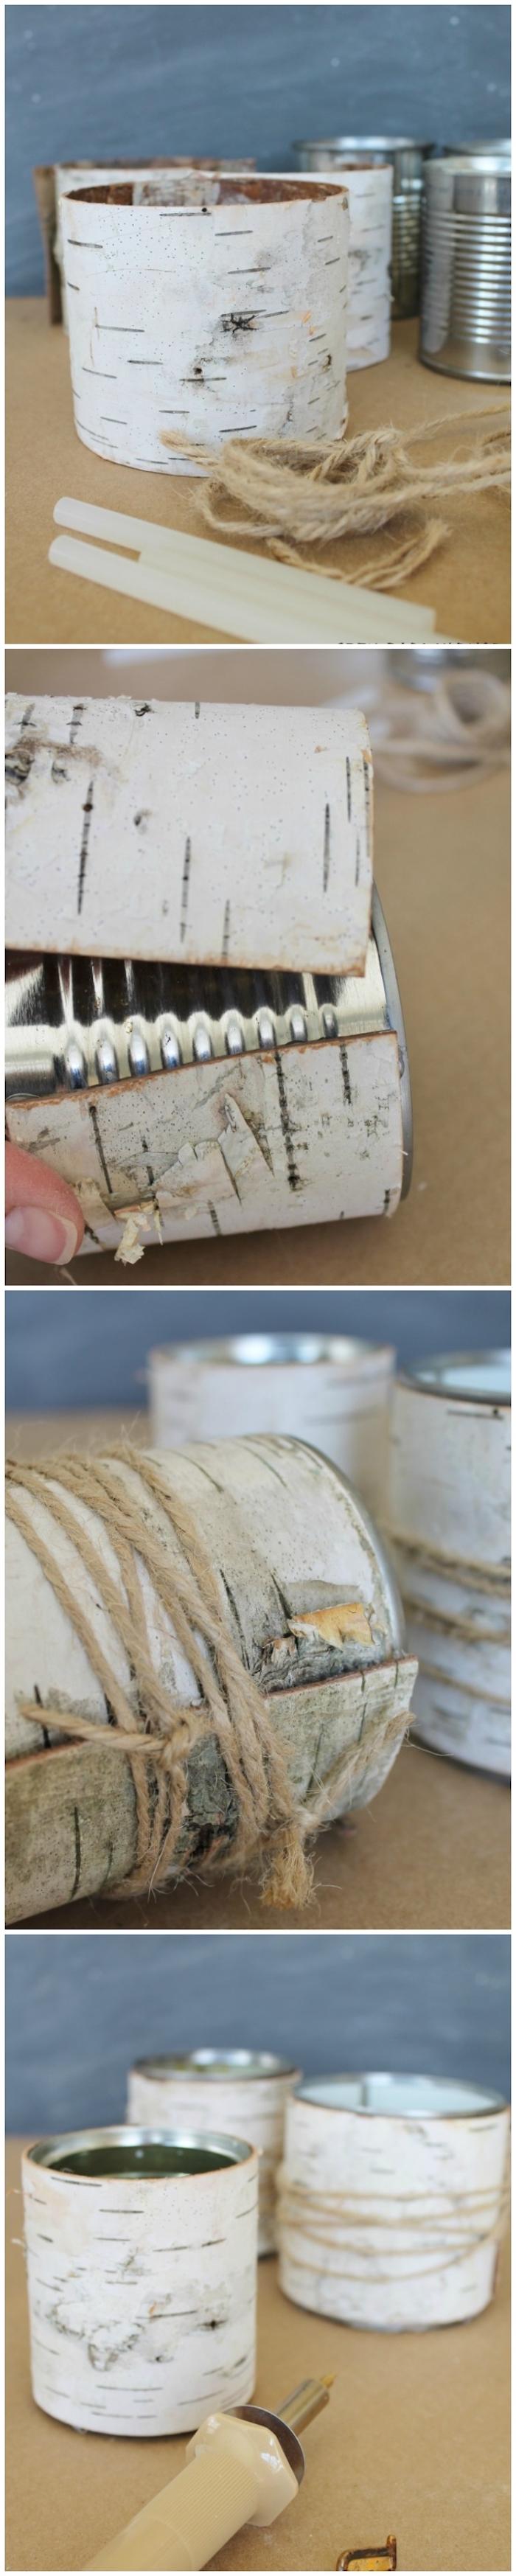 diy birkenstamm deko wohnzimmer anleitung schritt für schritt erklärung kreative bastelideen mit birkenholz